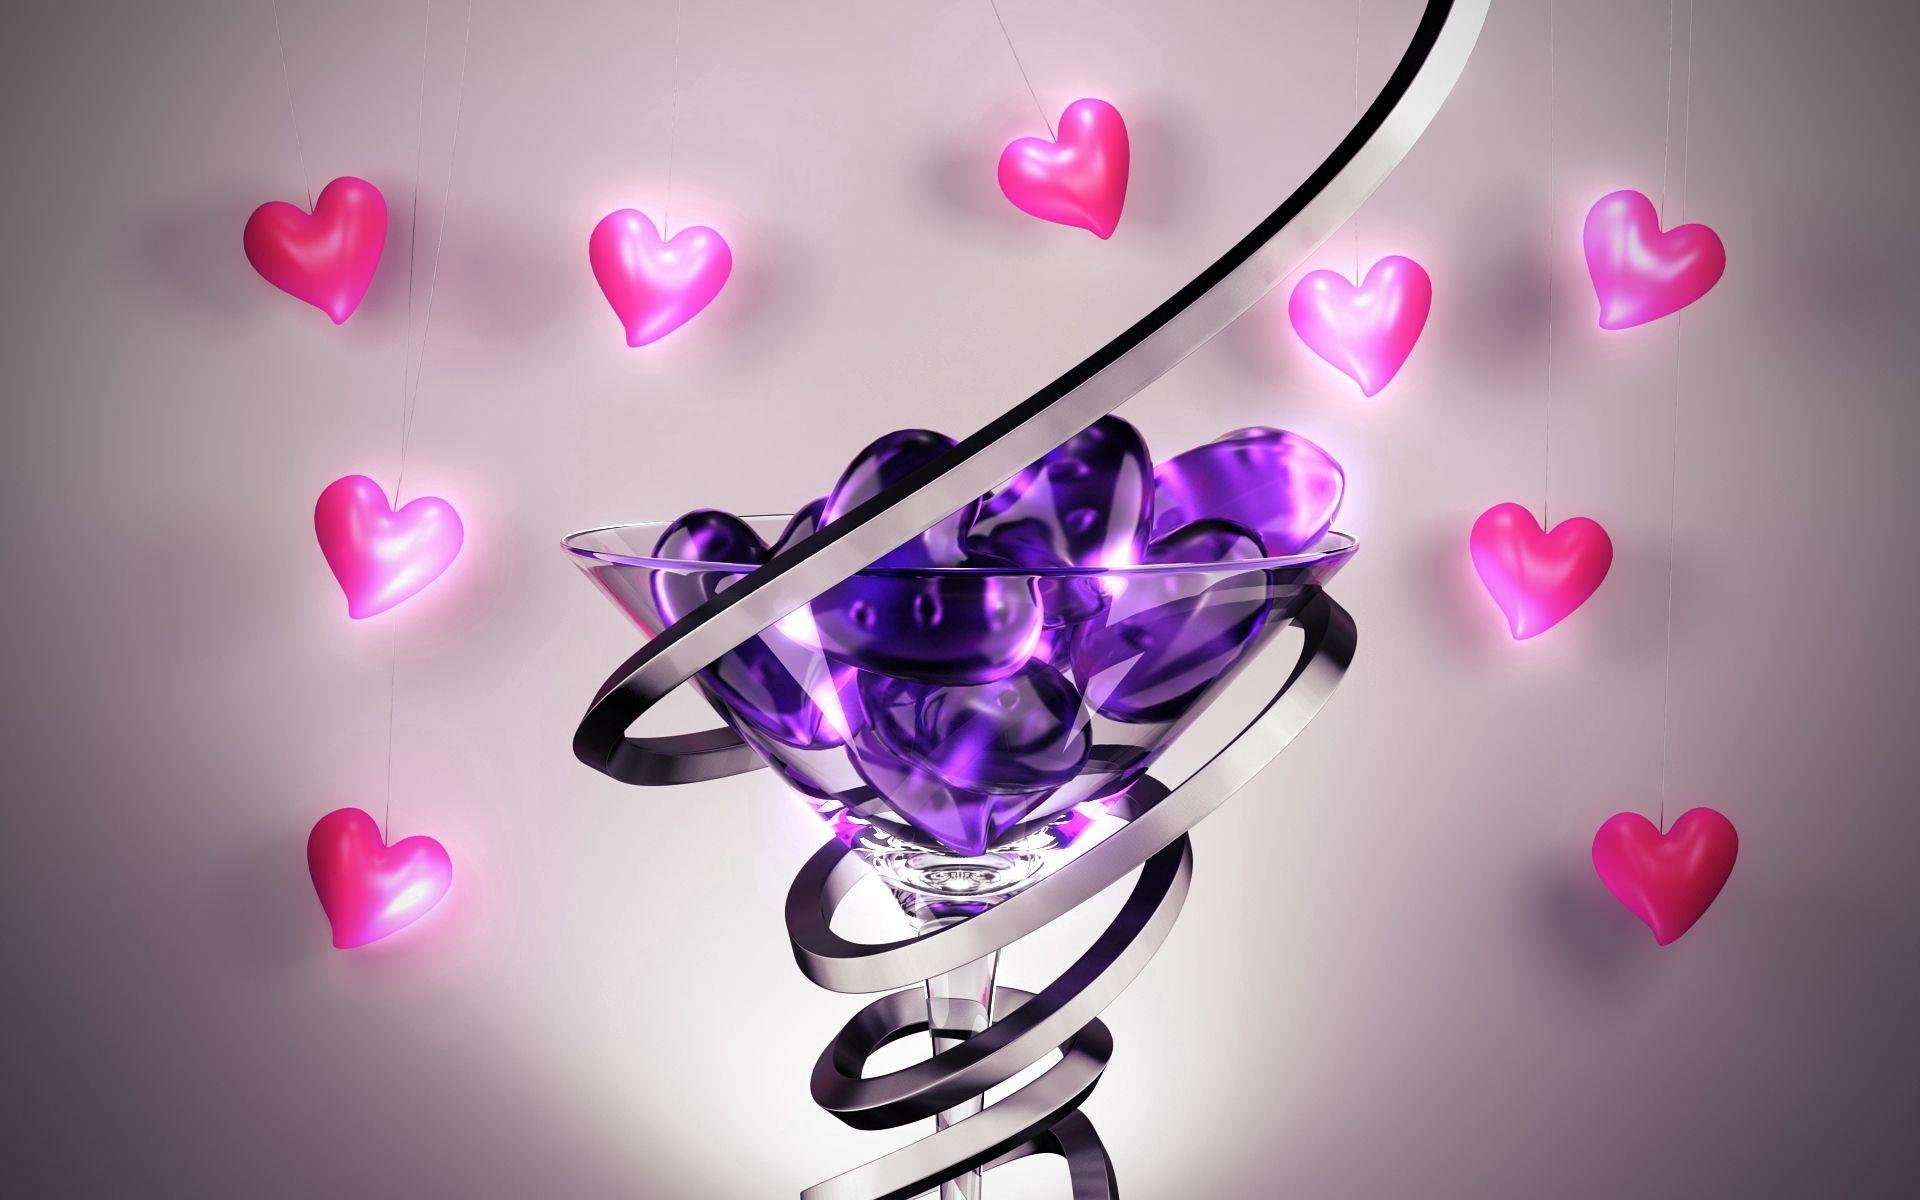 103046 Salvapantallas y fondos de pantalla 3D en tu teléfono. Descarga imágenes de 3D, La Forma, Forma, Vidrio, Un Corazón, Corazón, Espiral gratis